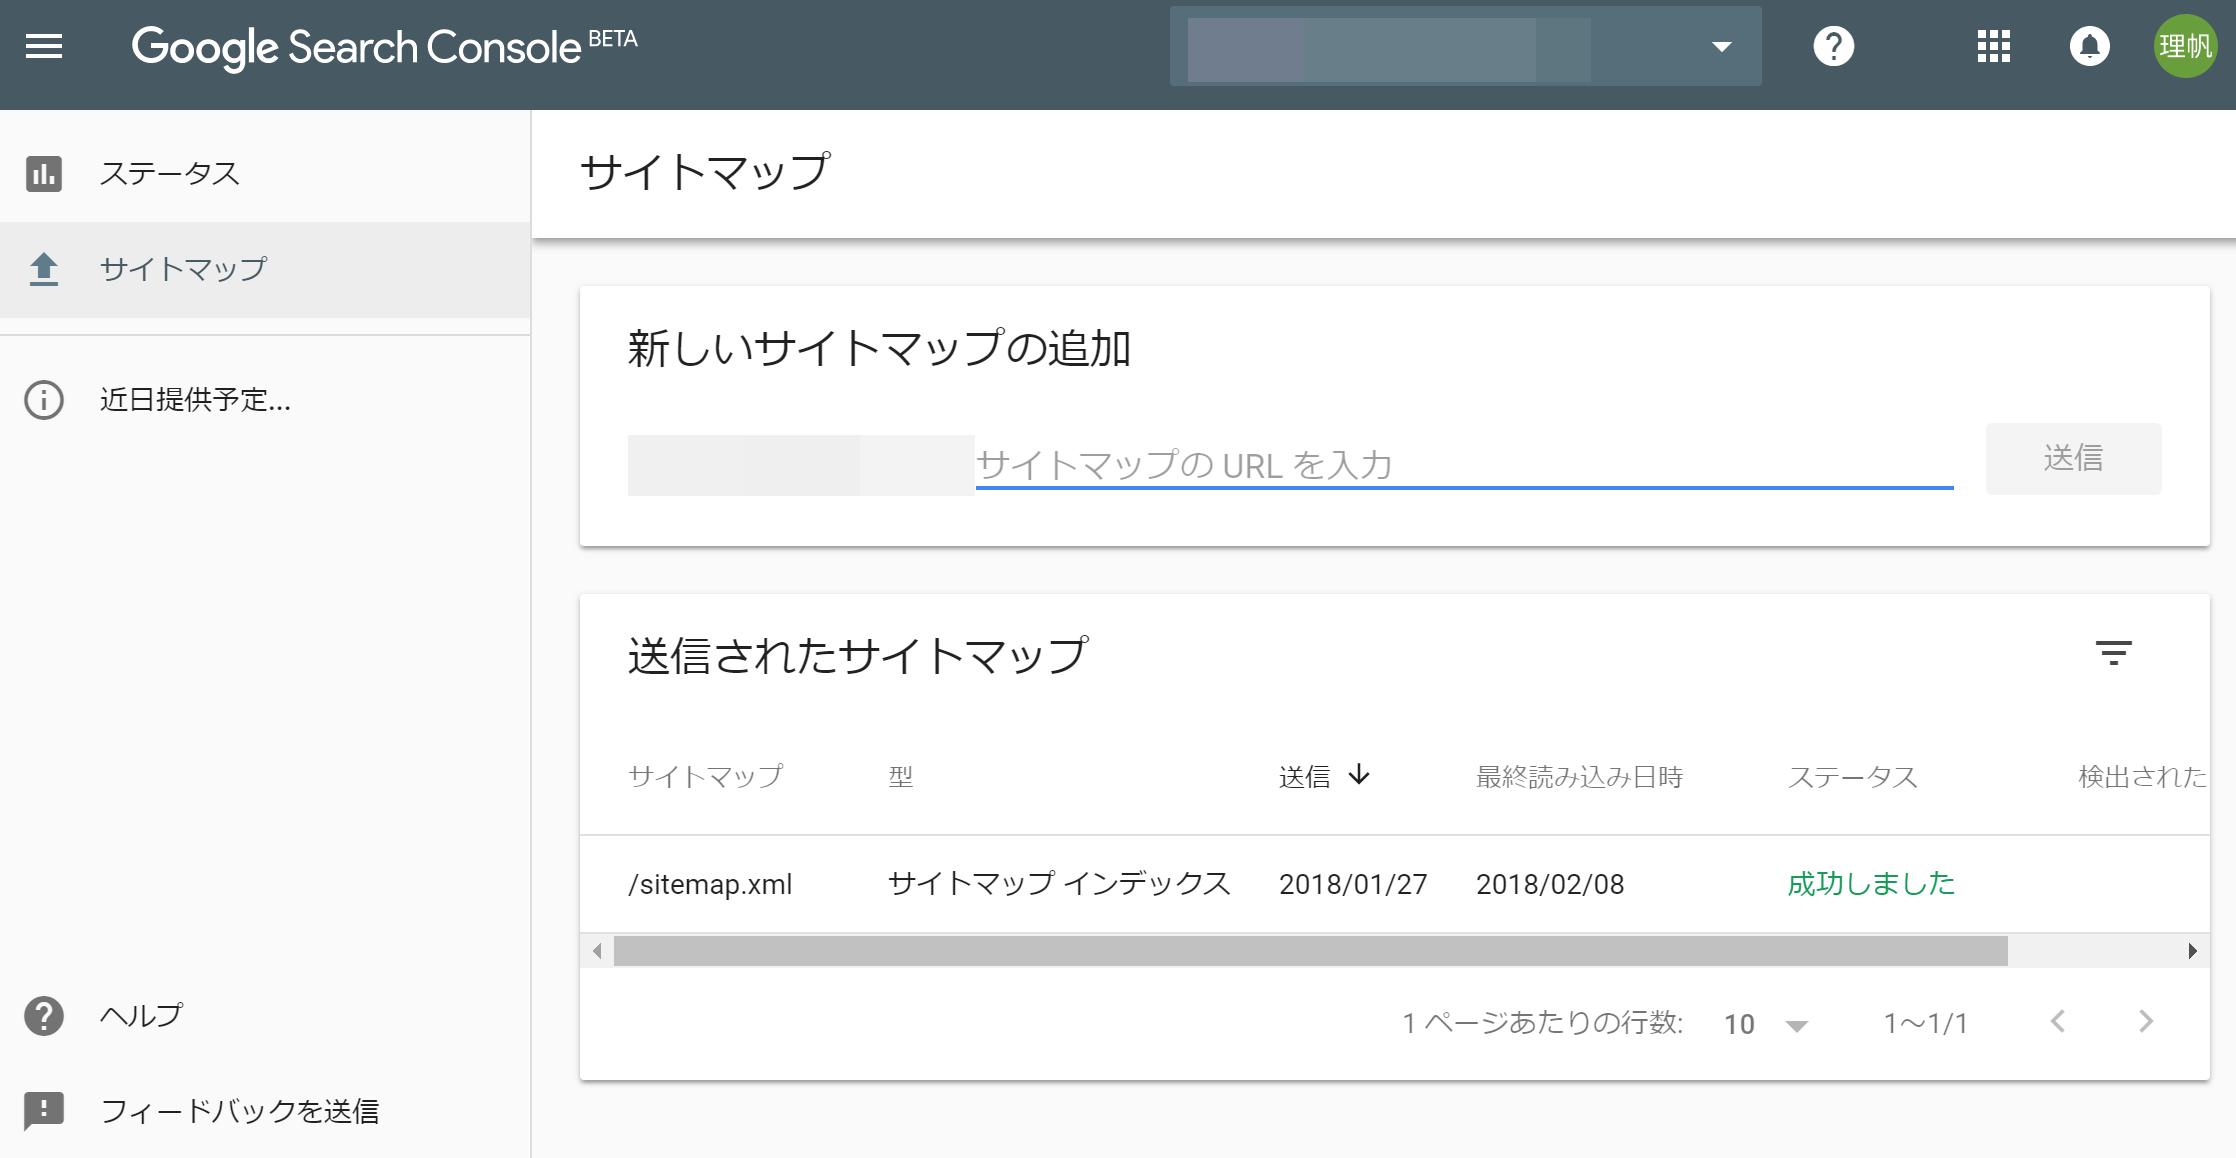 google search consoleがリニューアル ベータ版を使ってみた感想 解説